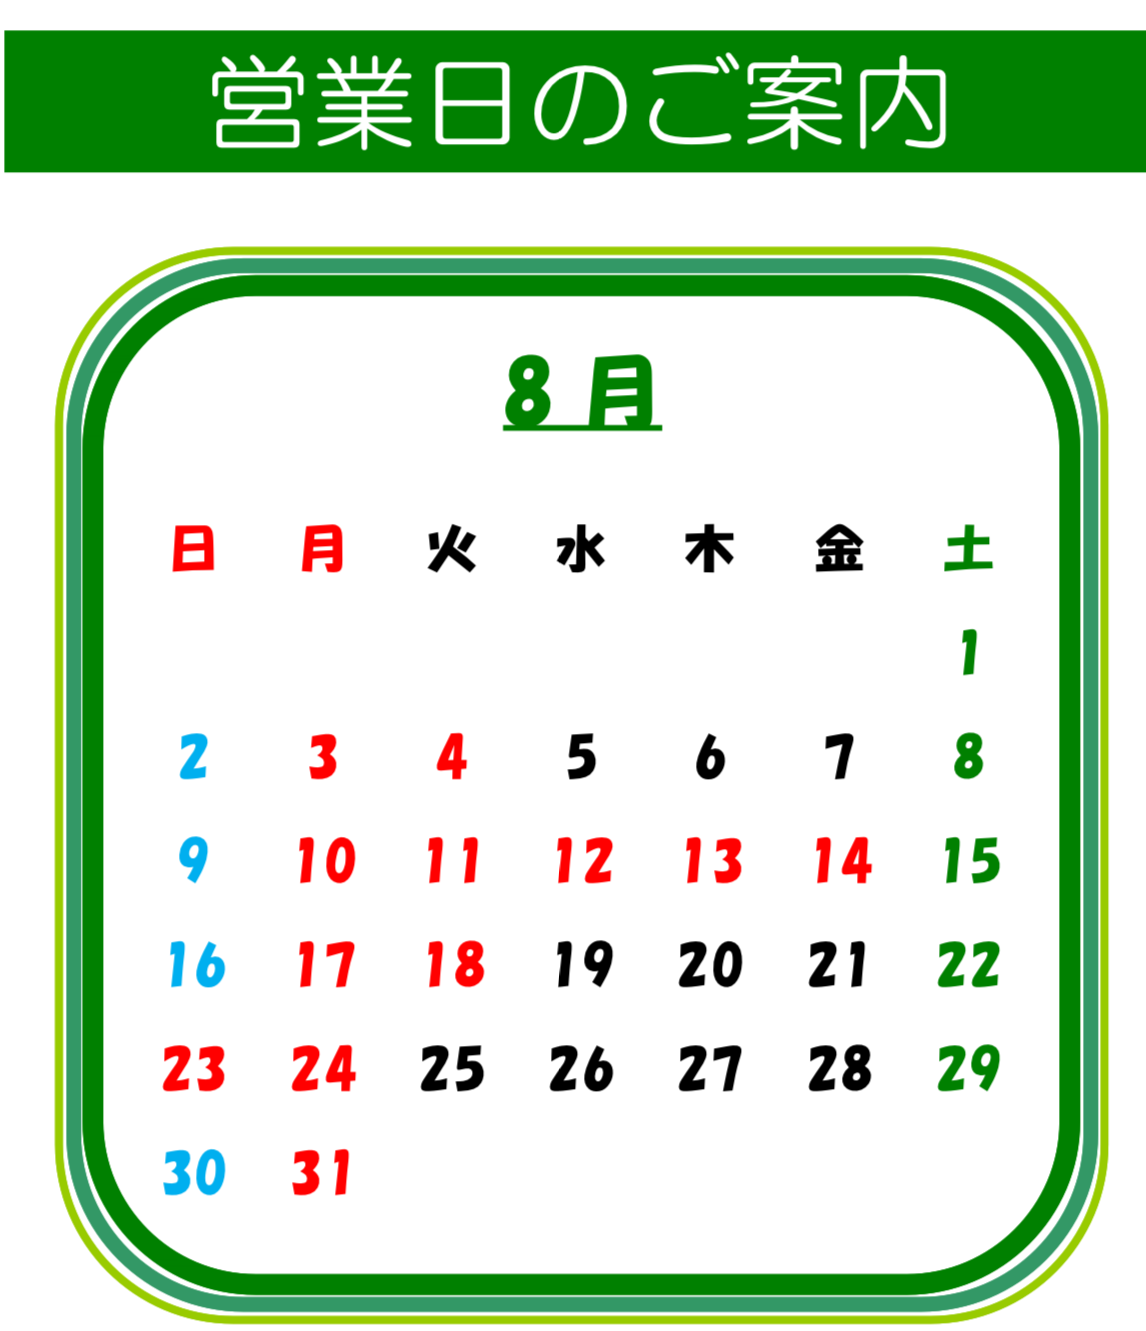 来月の営業日